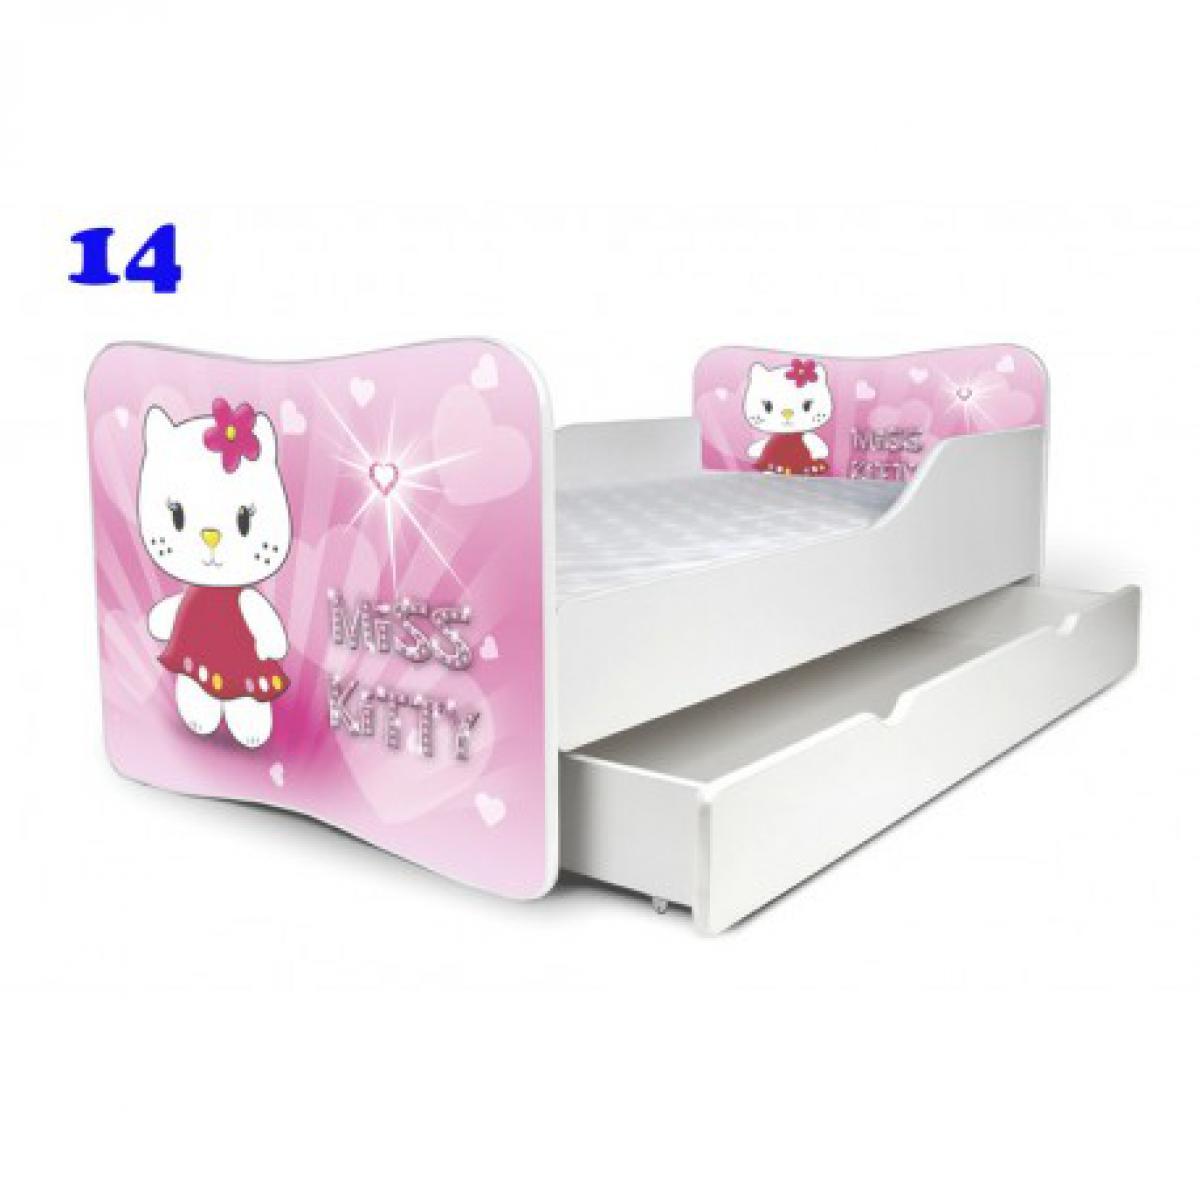 Bim Furniture Lit Enfant 140x70 cm avec Tiroir Miss Kitty Rose avec sommier et matelas